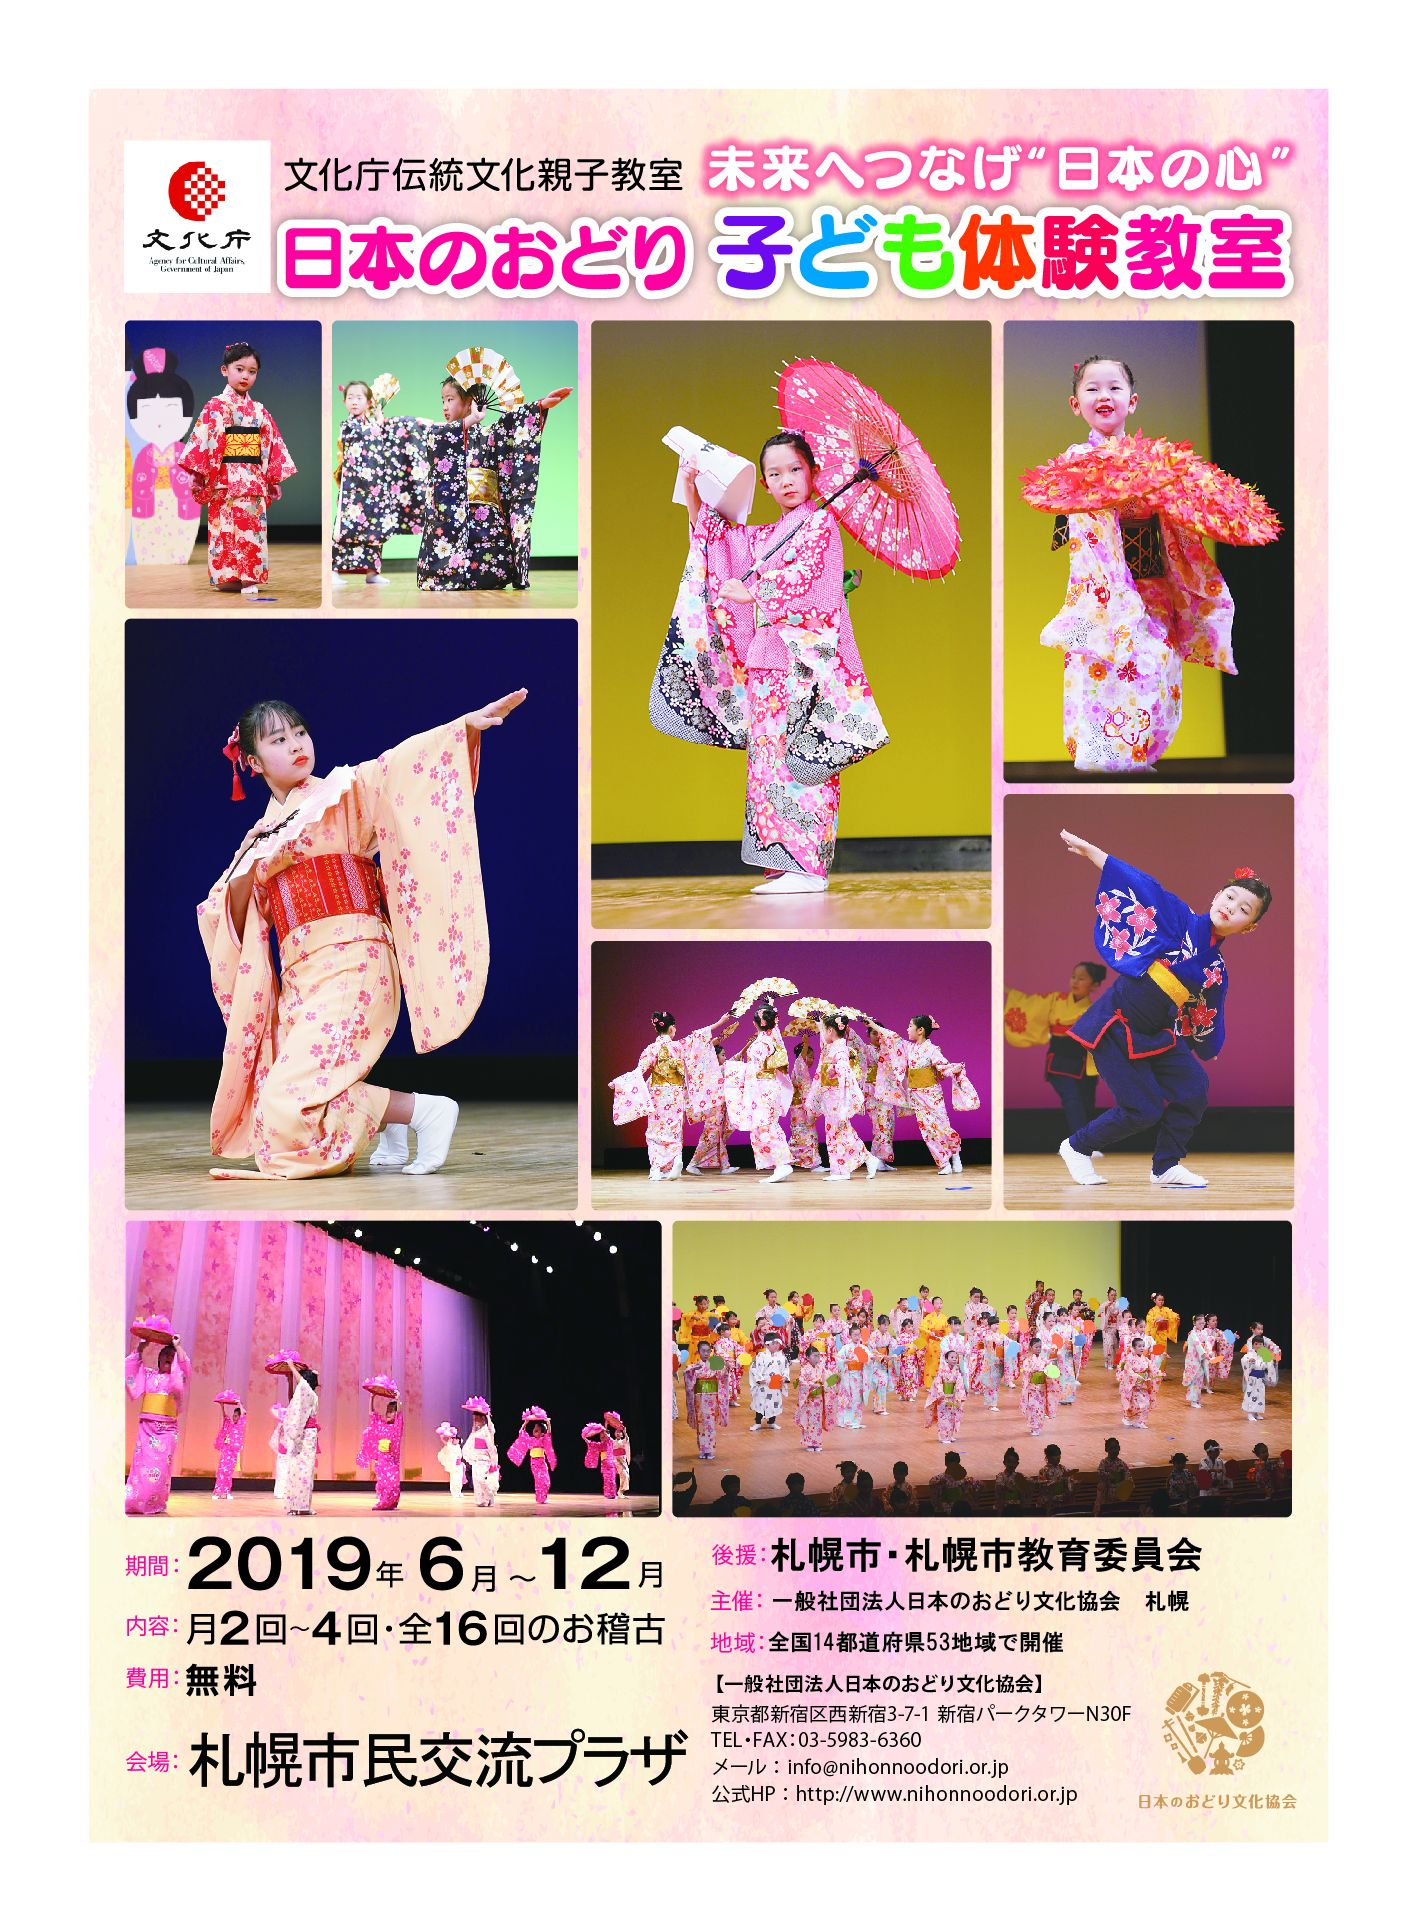 ホームページ 札幌 会 教育 市 委員